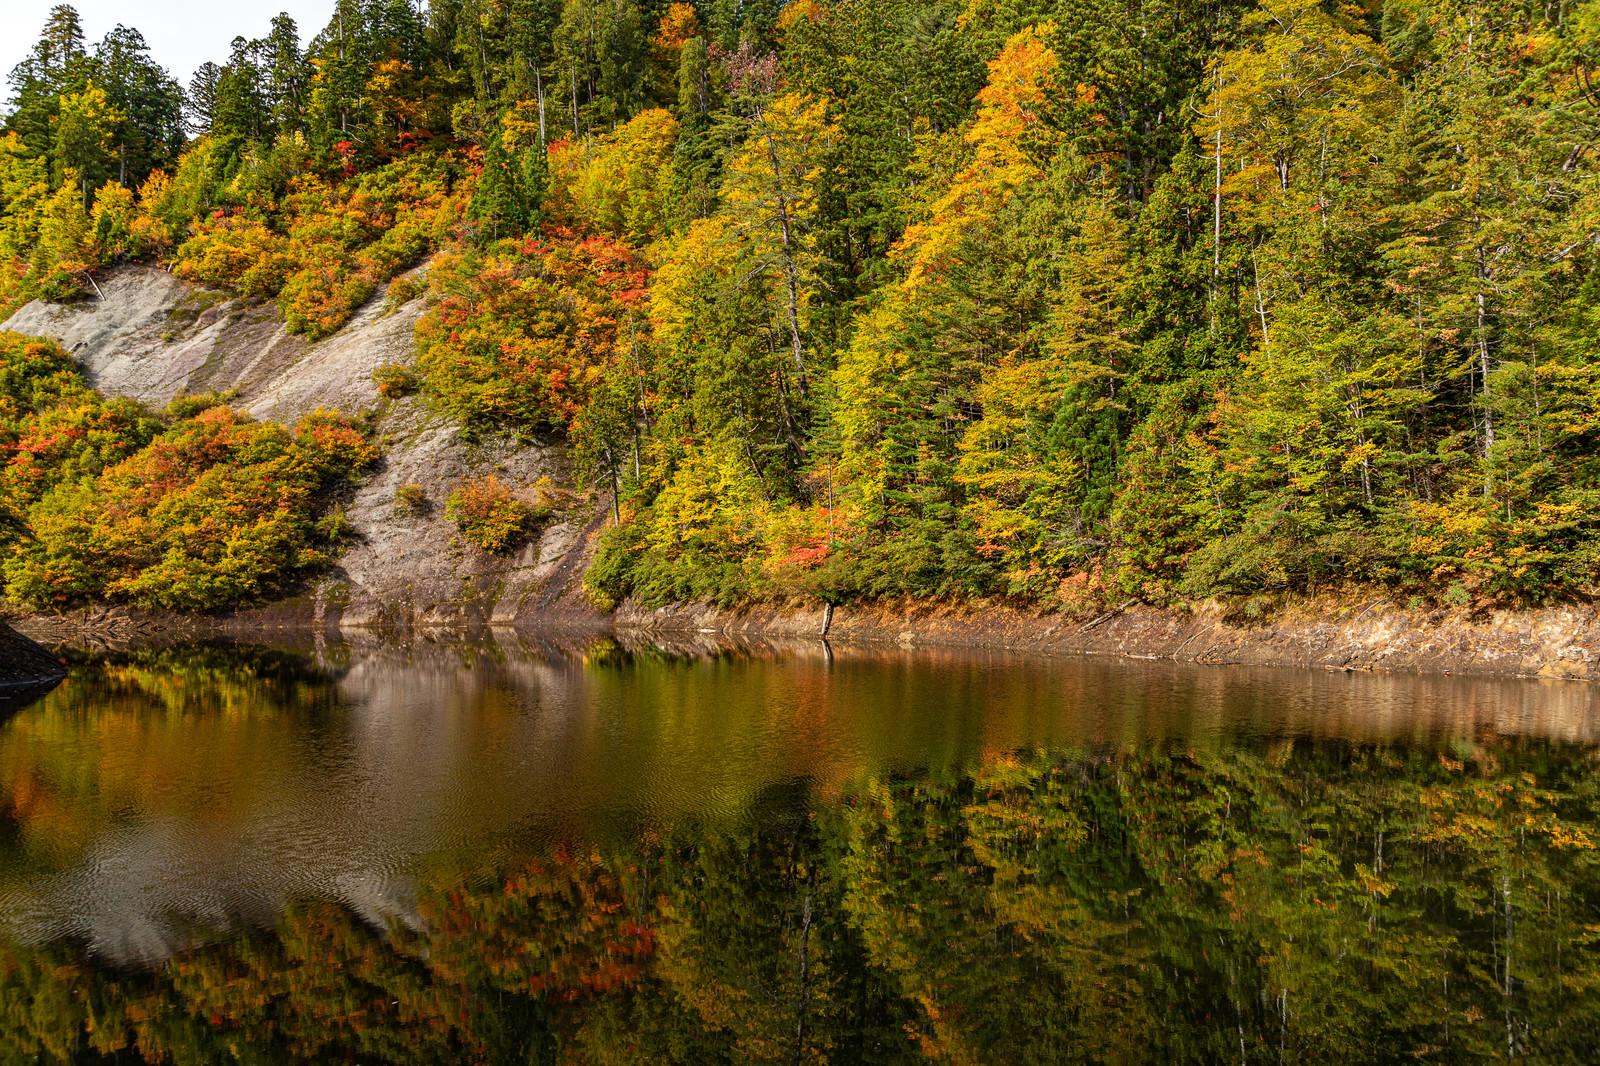 「紅葉した木々と秋の太平湖(秋田県北秋田市)」の写真